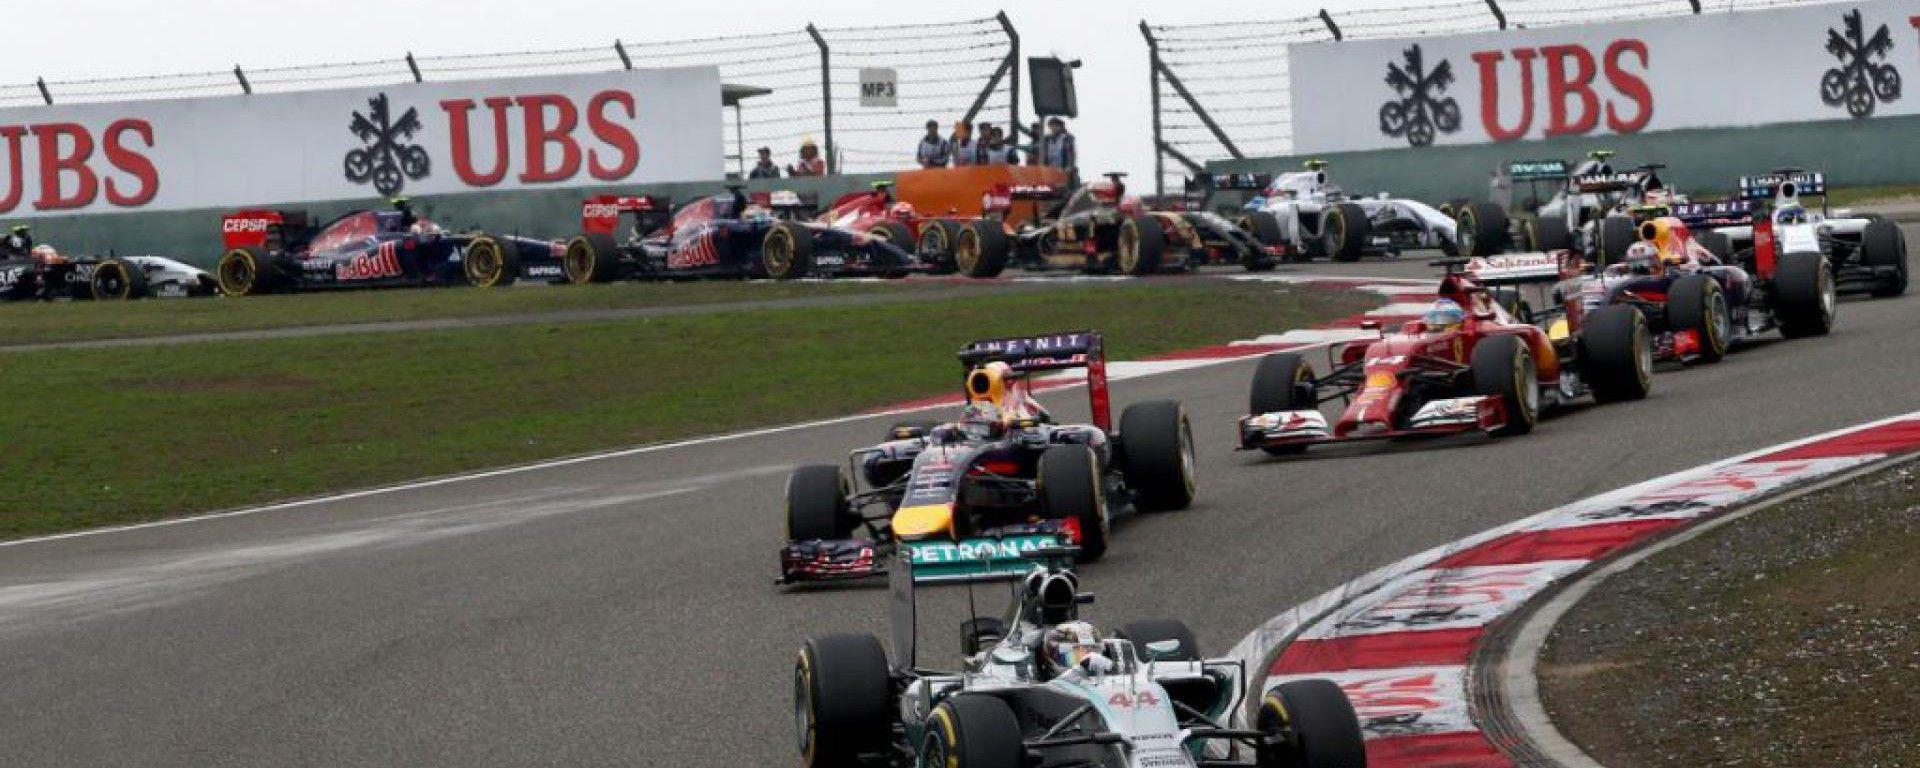 Formula 1: ritorno alle vecchie qualifiche